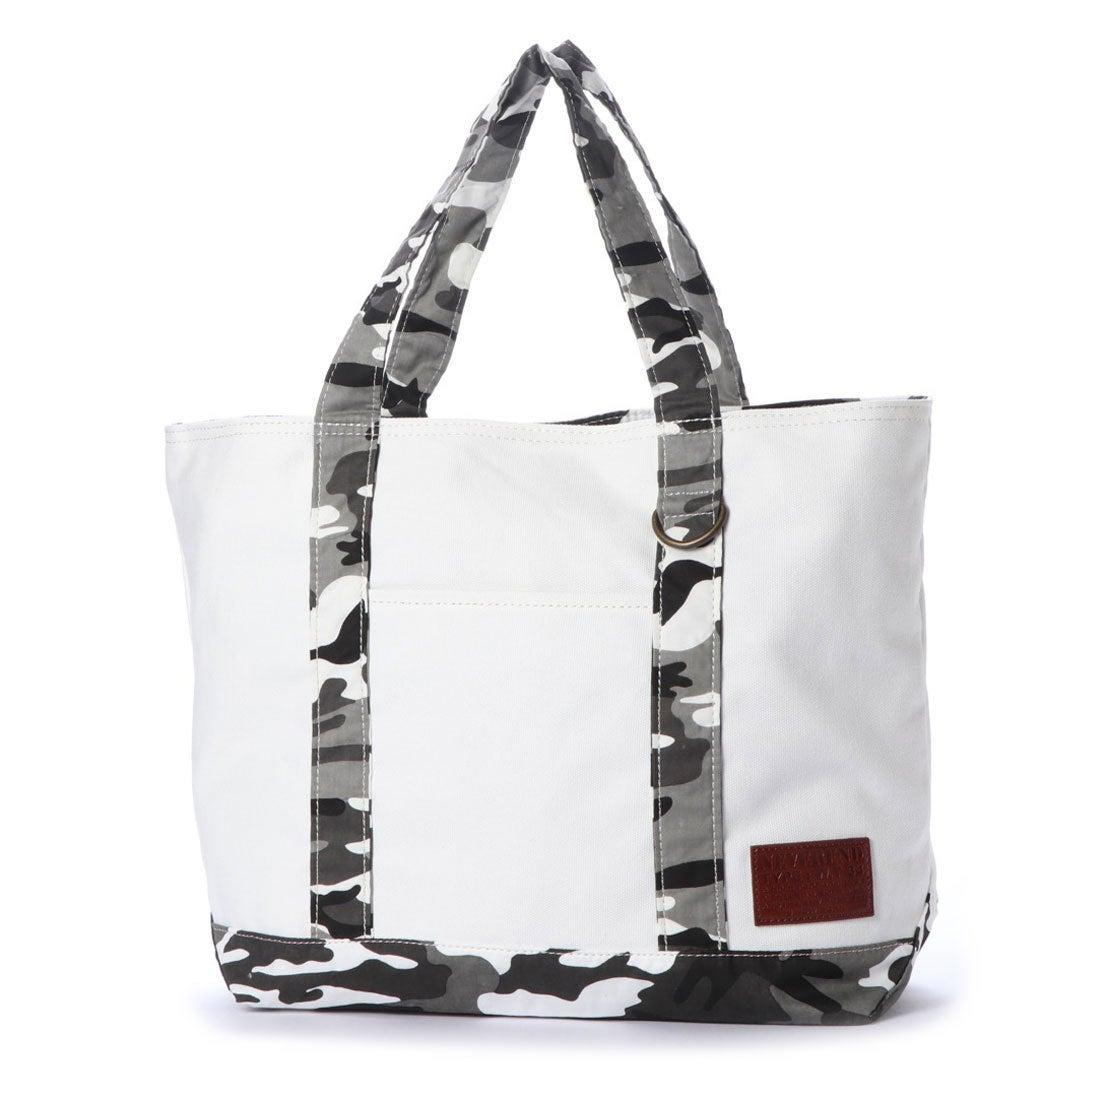 【SALE 5%OFF】スタイルブロック STYLEBLOCK キャンバスカモフラ切り替えトートバッグ (ホワイト×グレーカモ) レディース